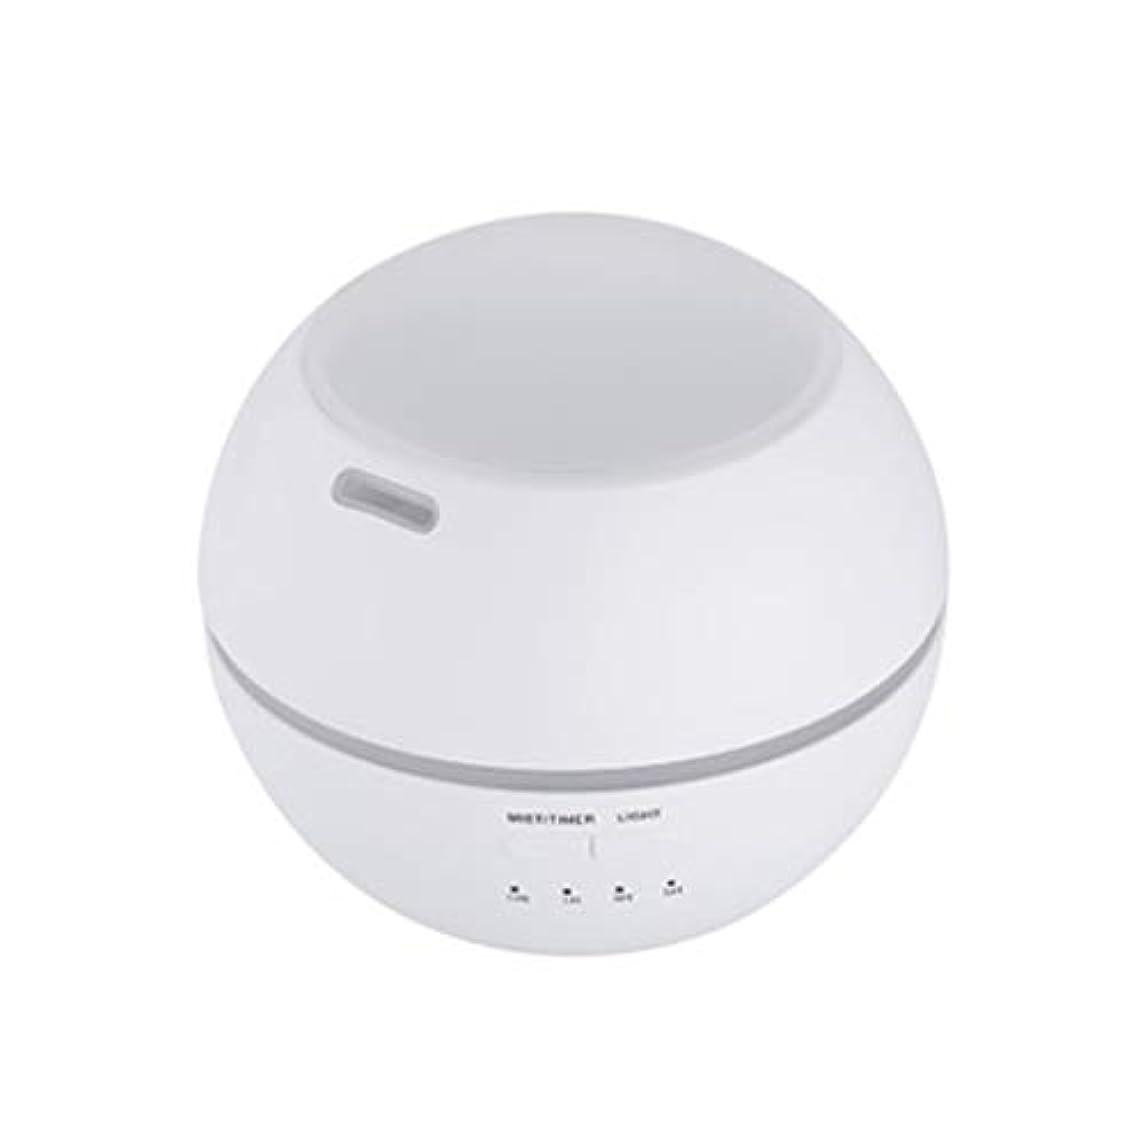 肺炎湾円形マルチライトマシンクリエイティブ超音波加湿器ランプ家庭用必須ディフューザーギフト (Color : White)